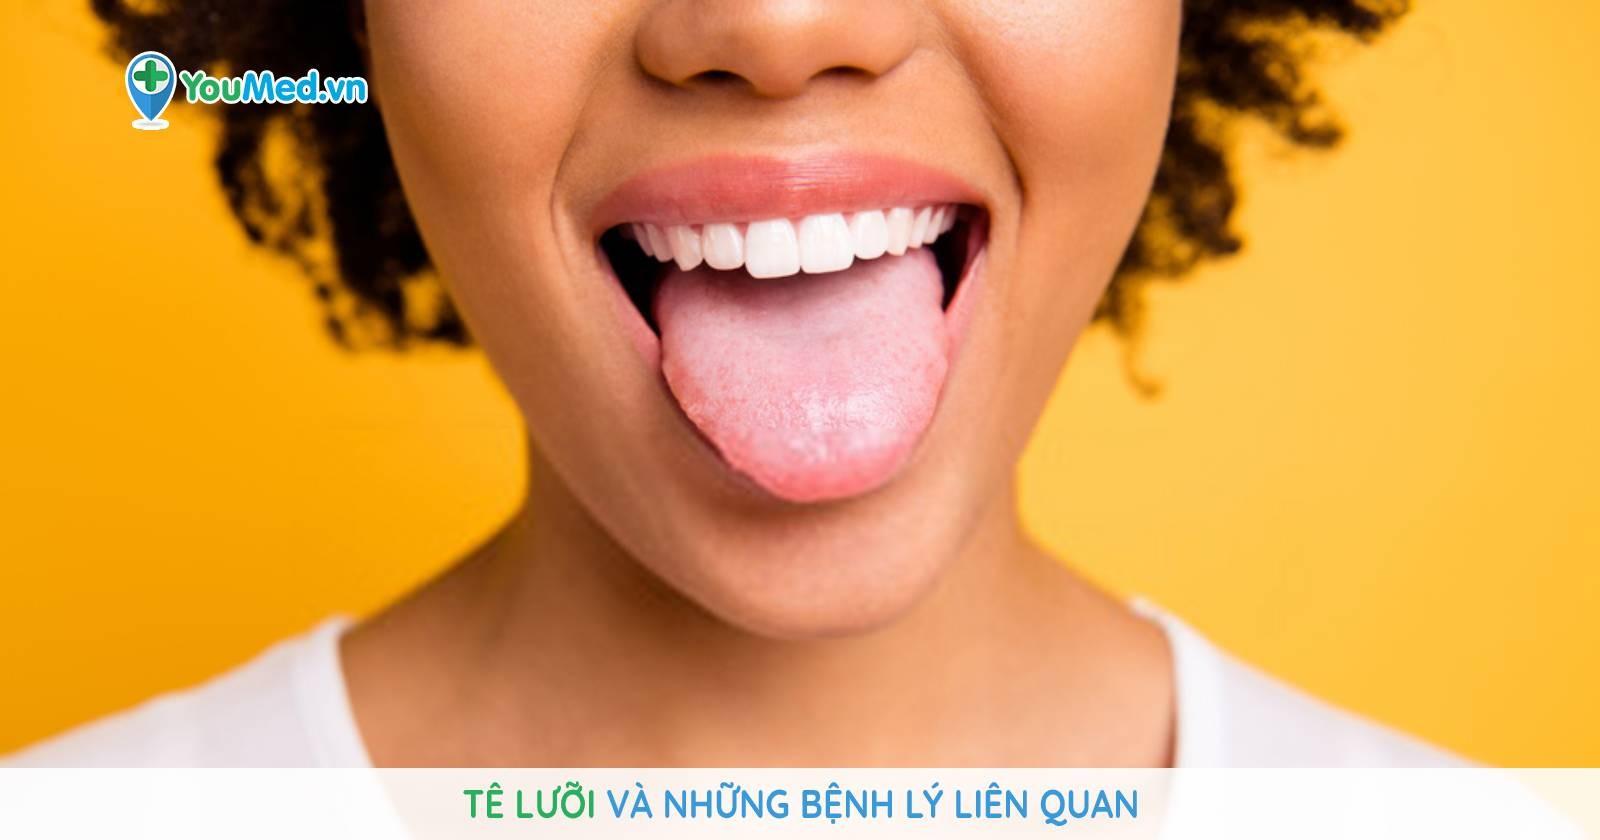 Tê lưỡi và những bệnh lý liên quan